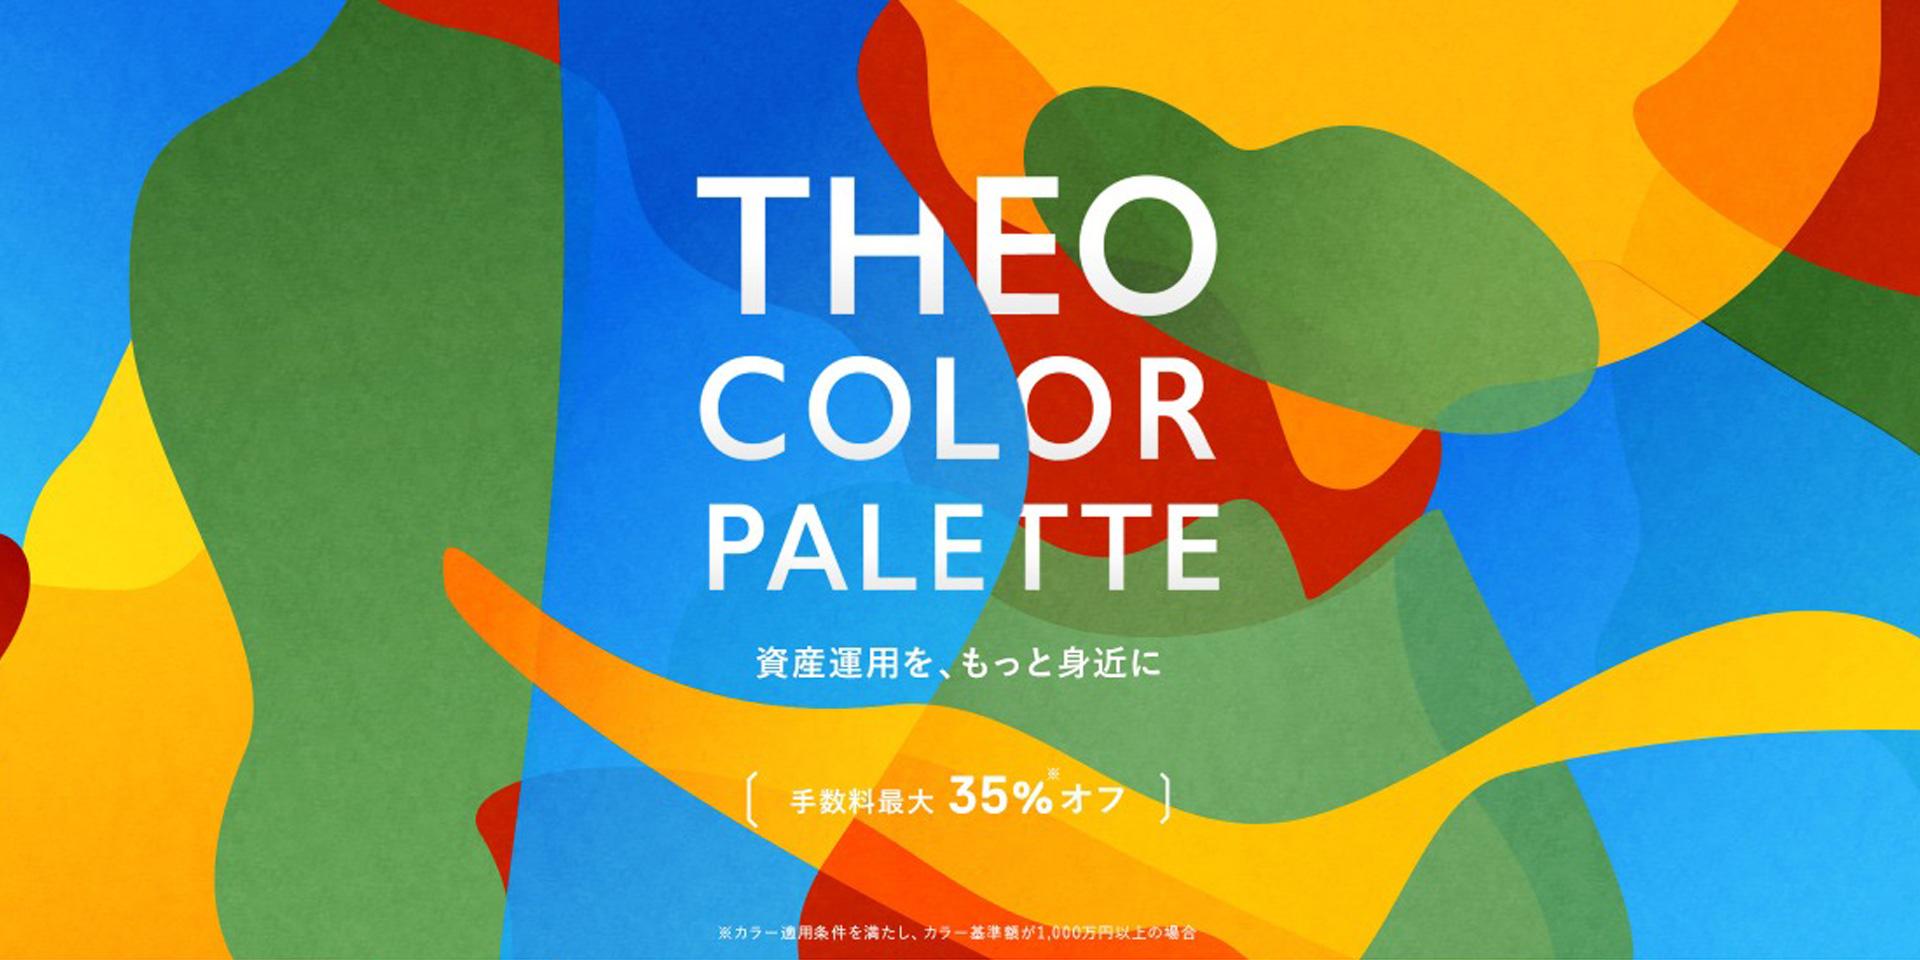 THEO-Color-Palette(テオカラーパレット)とは?手数料体系や適用条件について解説!